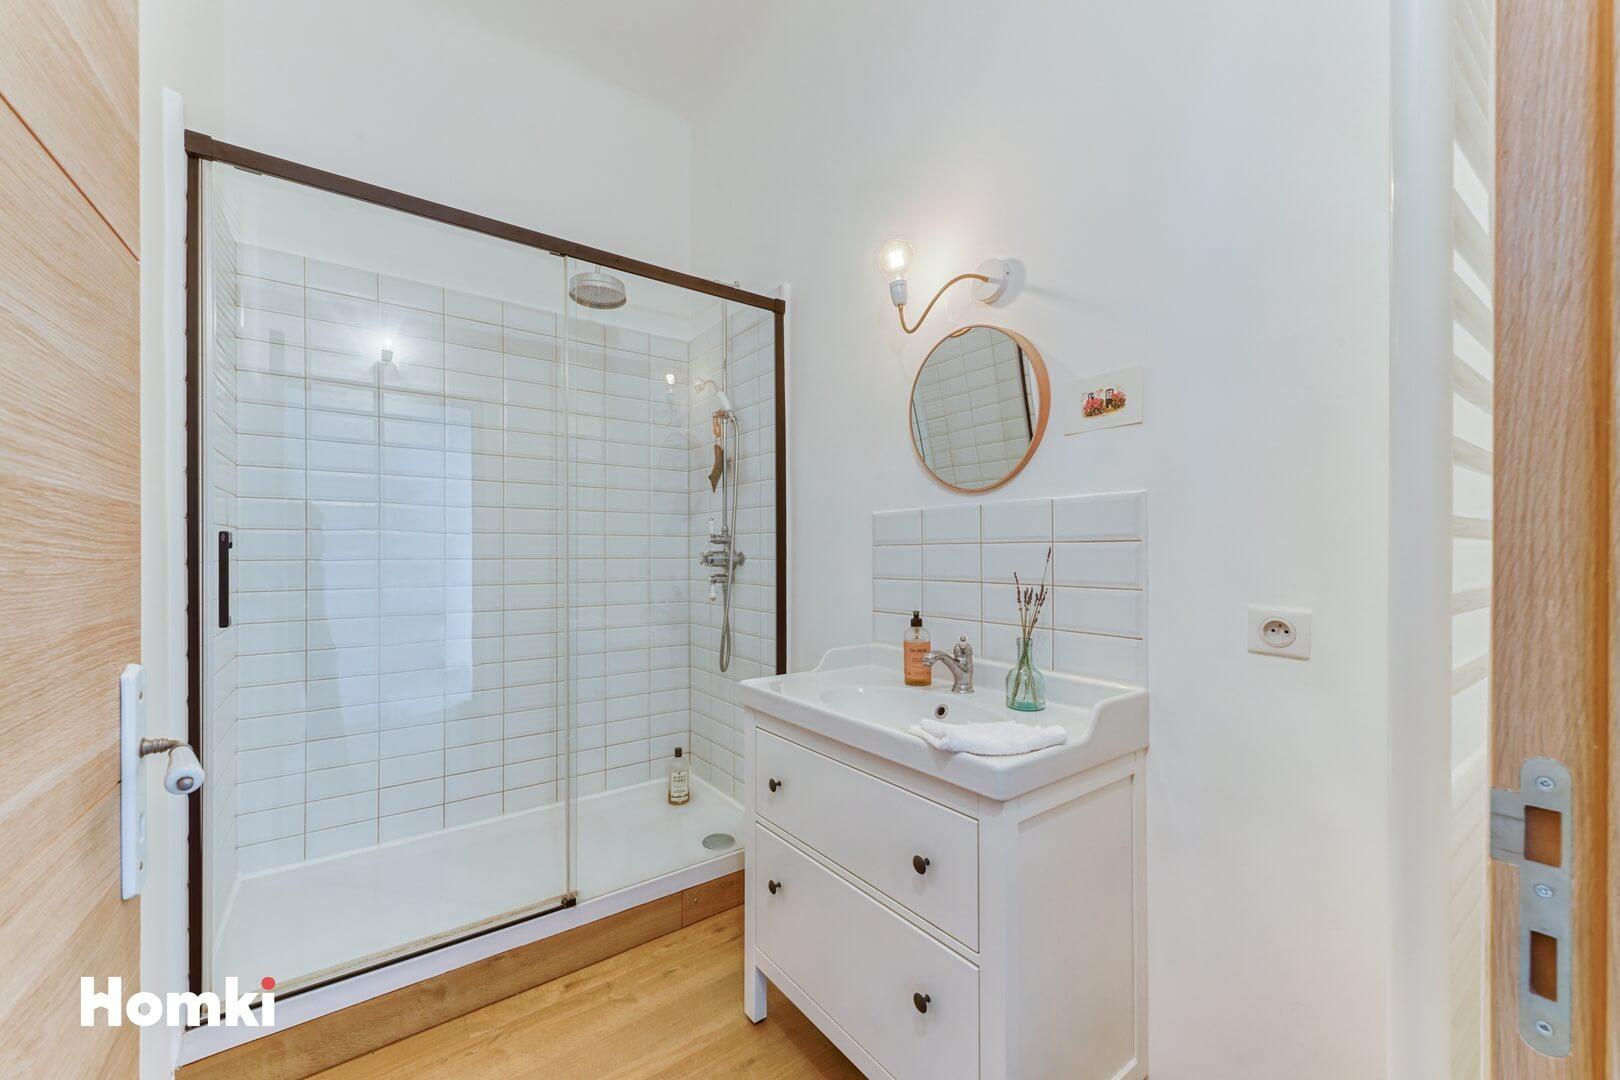 Homki - Vente Appartement  de 70.0 m² à Marseille 13001